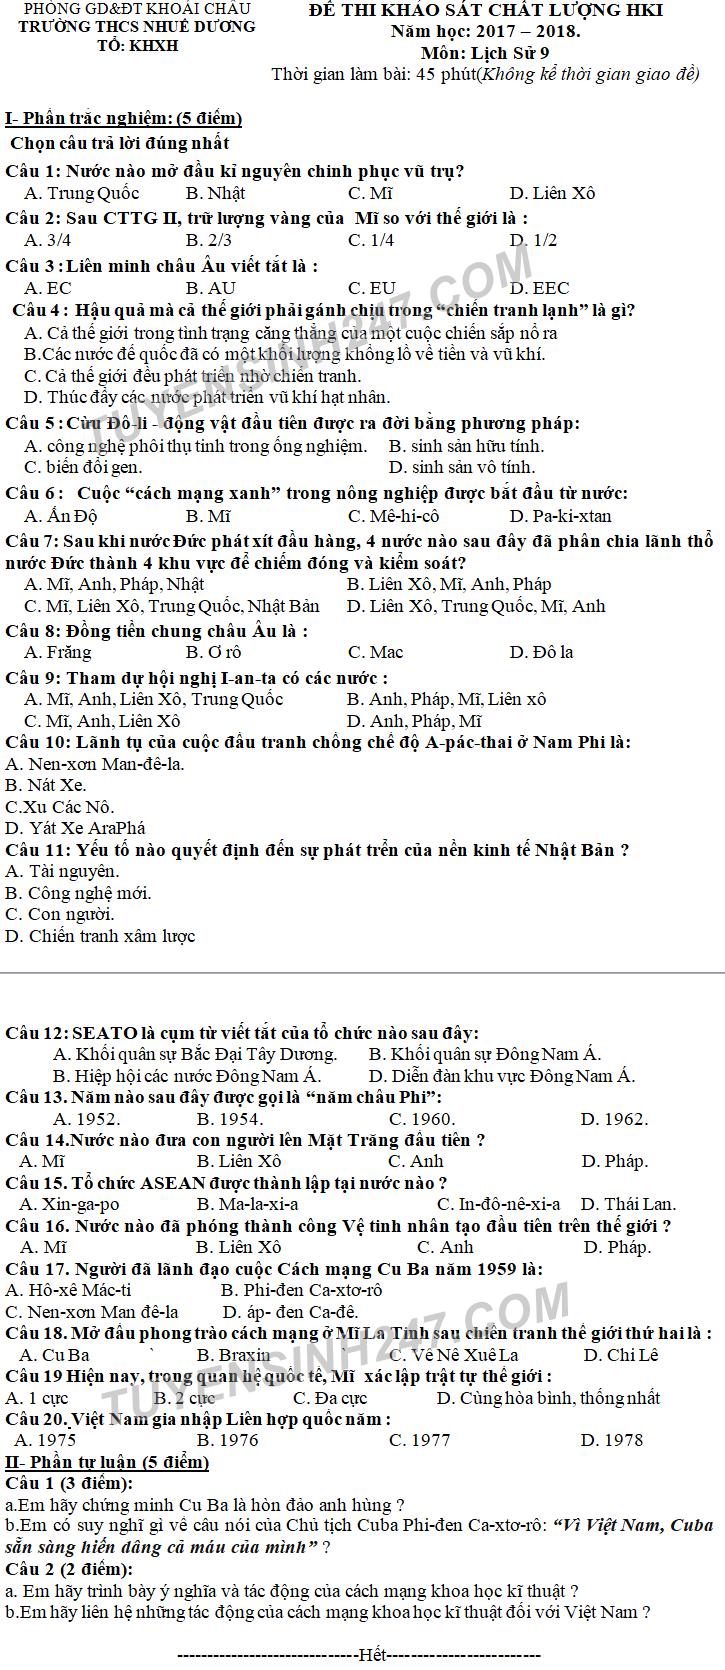 De kiem tra ki 1 mon Su lop 9 nam 2017 - 2018 THCS Nhue Duong